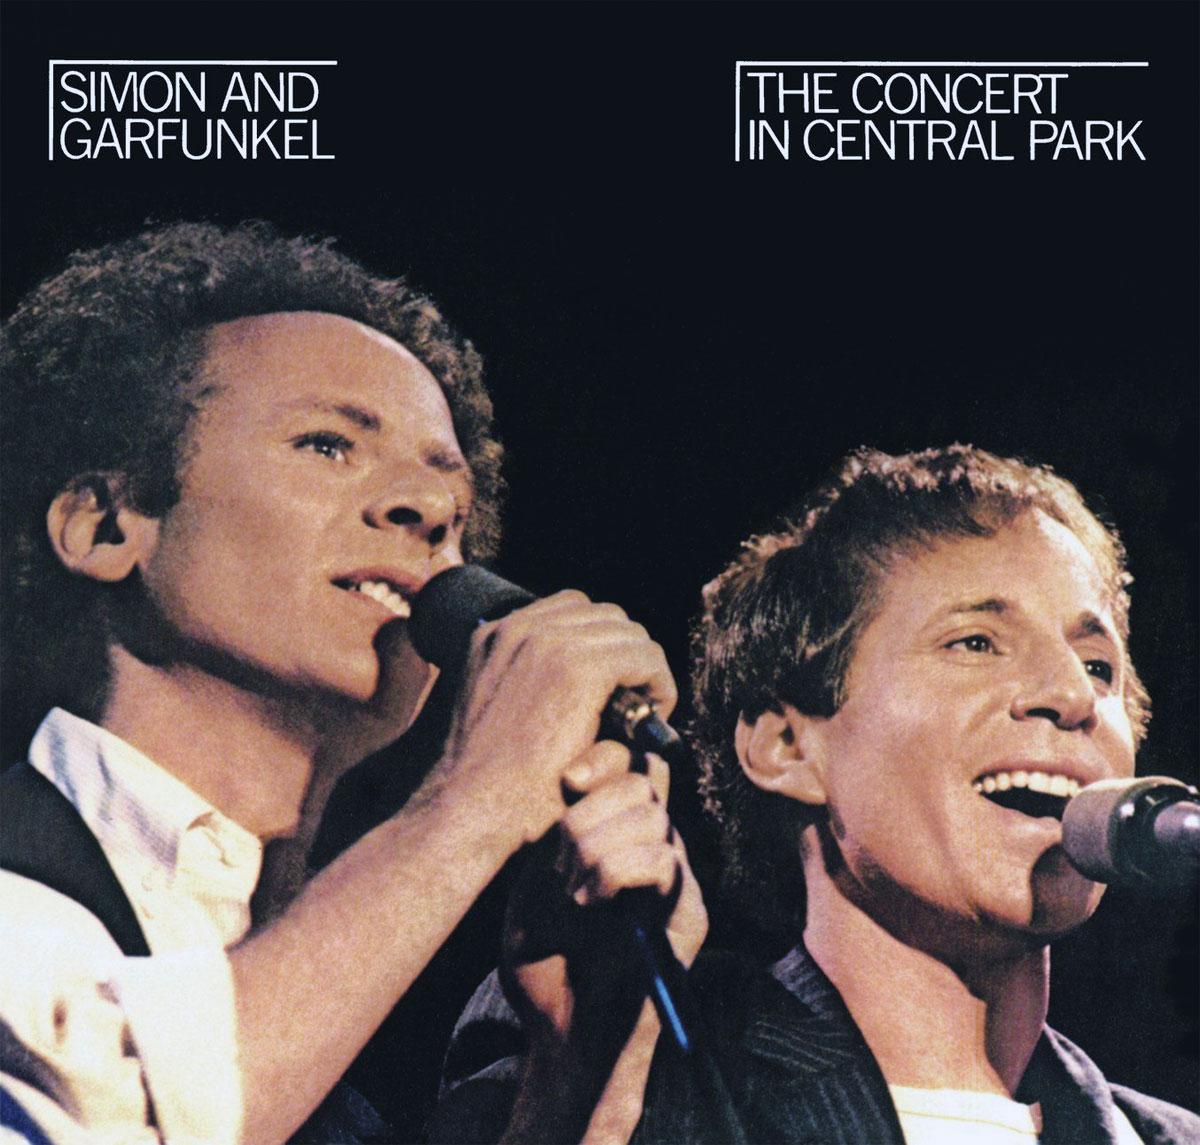 Simon e Garfunkel - The Concert in Central Park - copertina disco